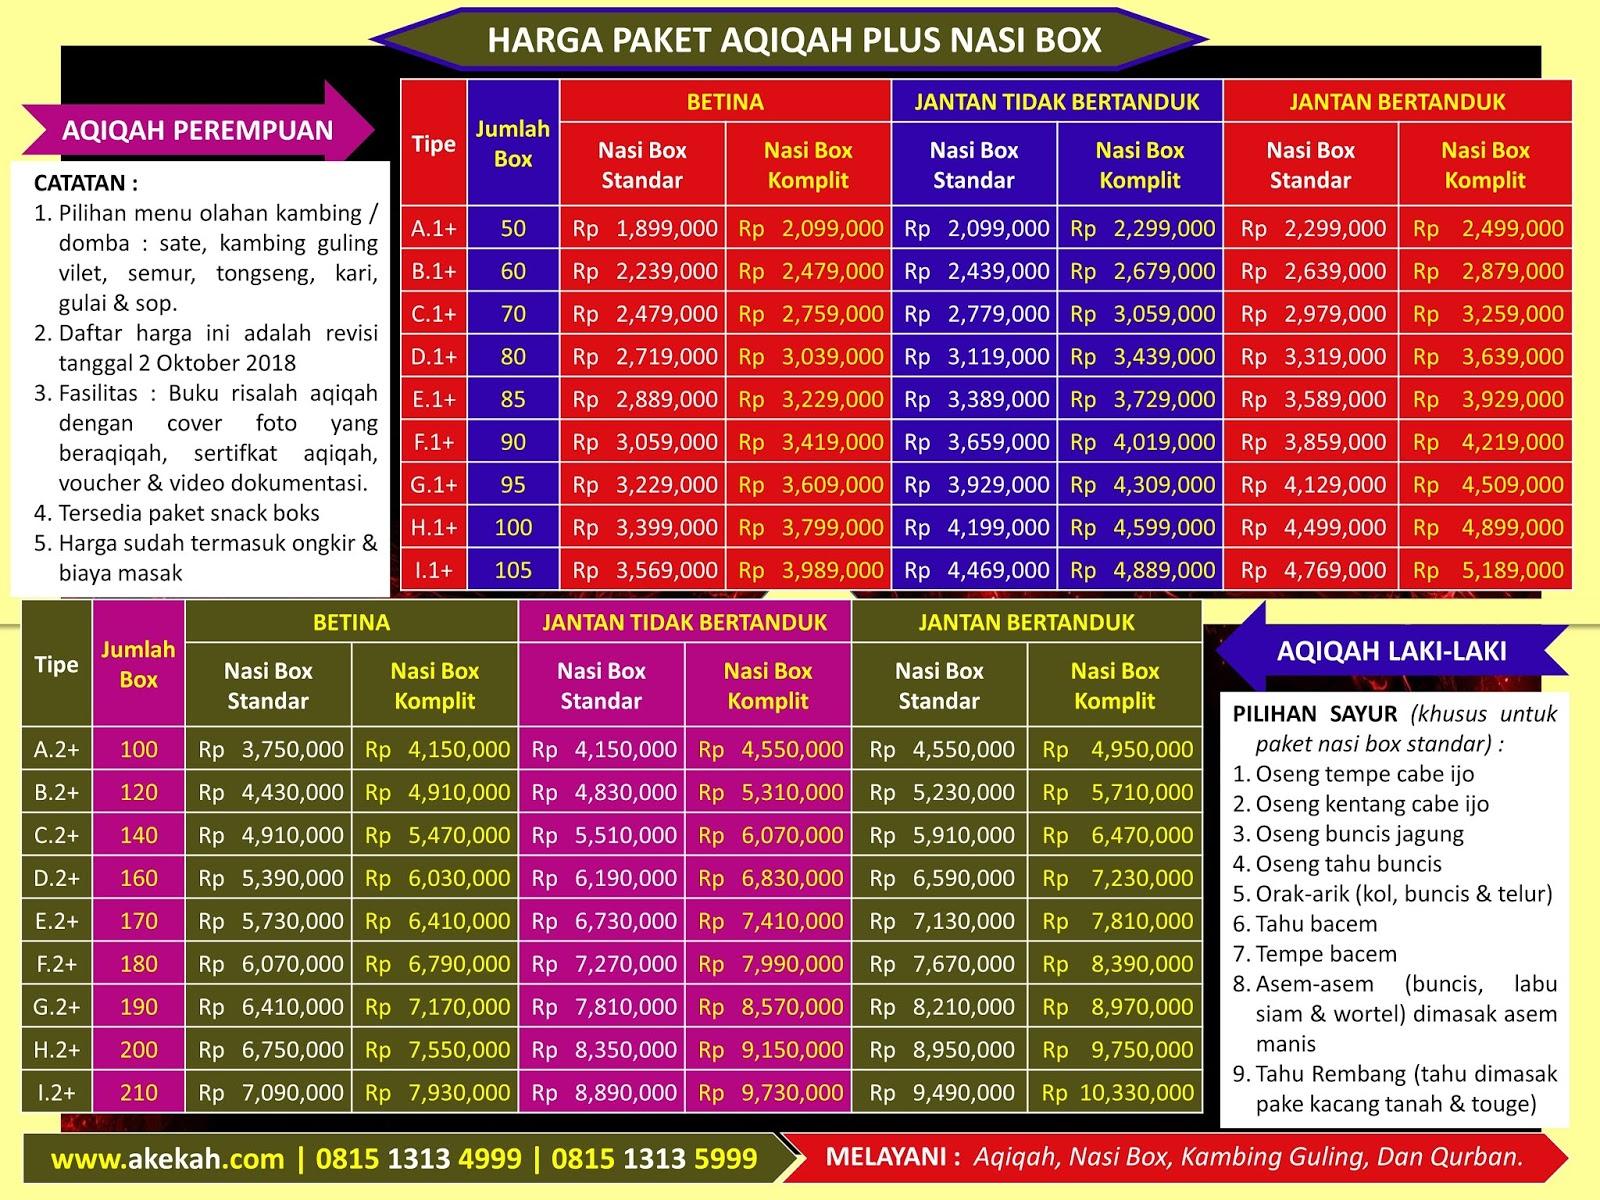 Harga Paket Akikah & Catering Murah Untuk Anak Wilayah Cibinong Bogor Jawa Barat